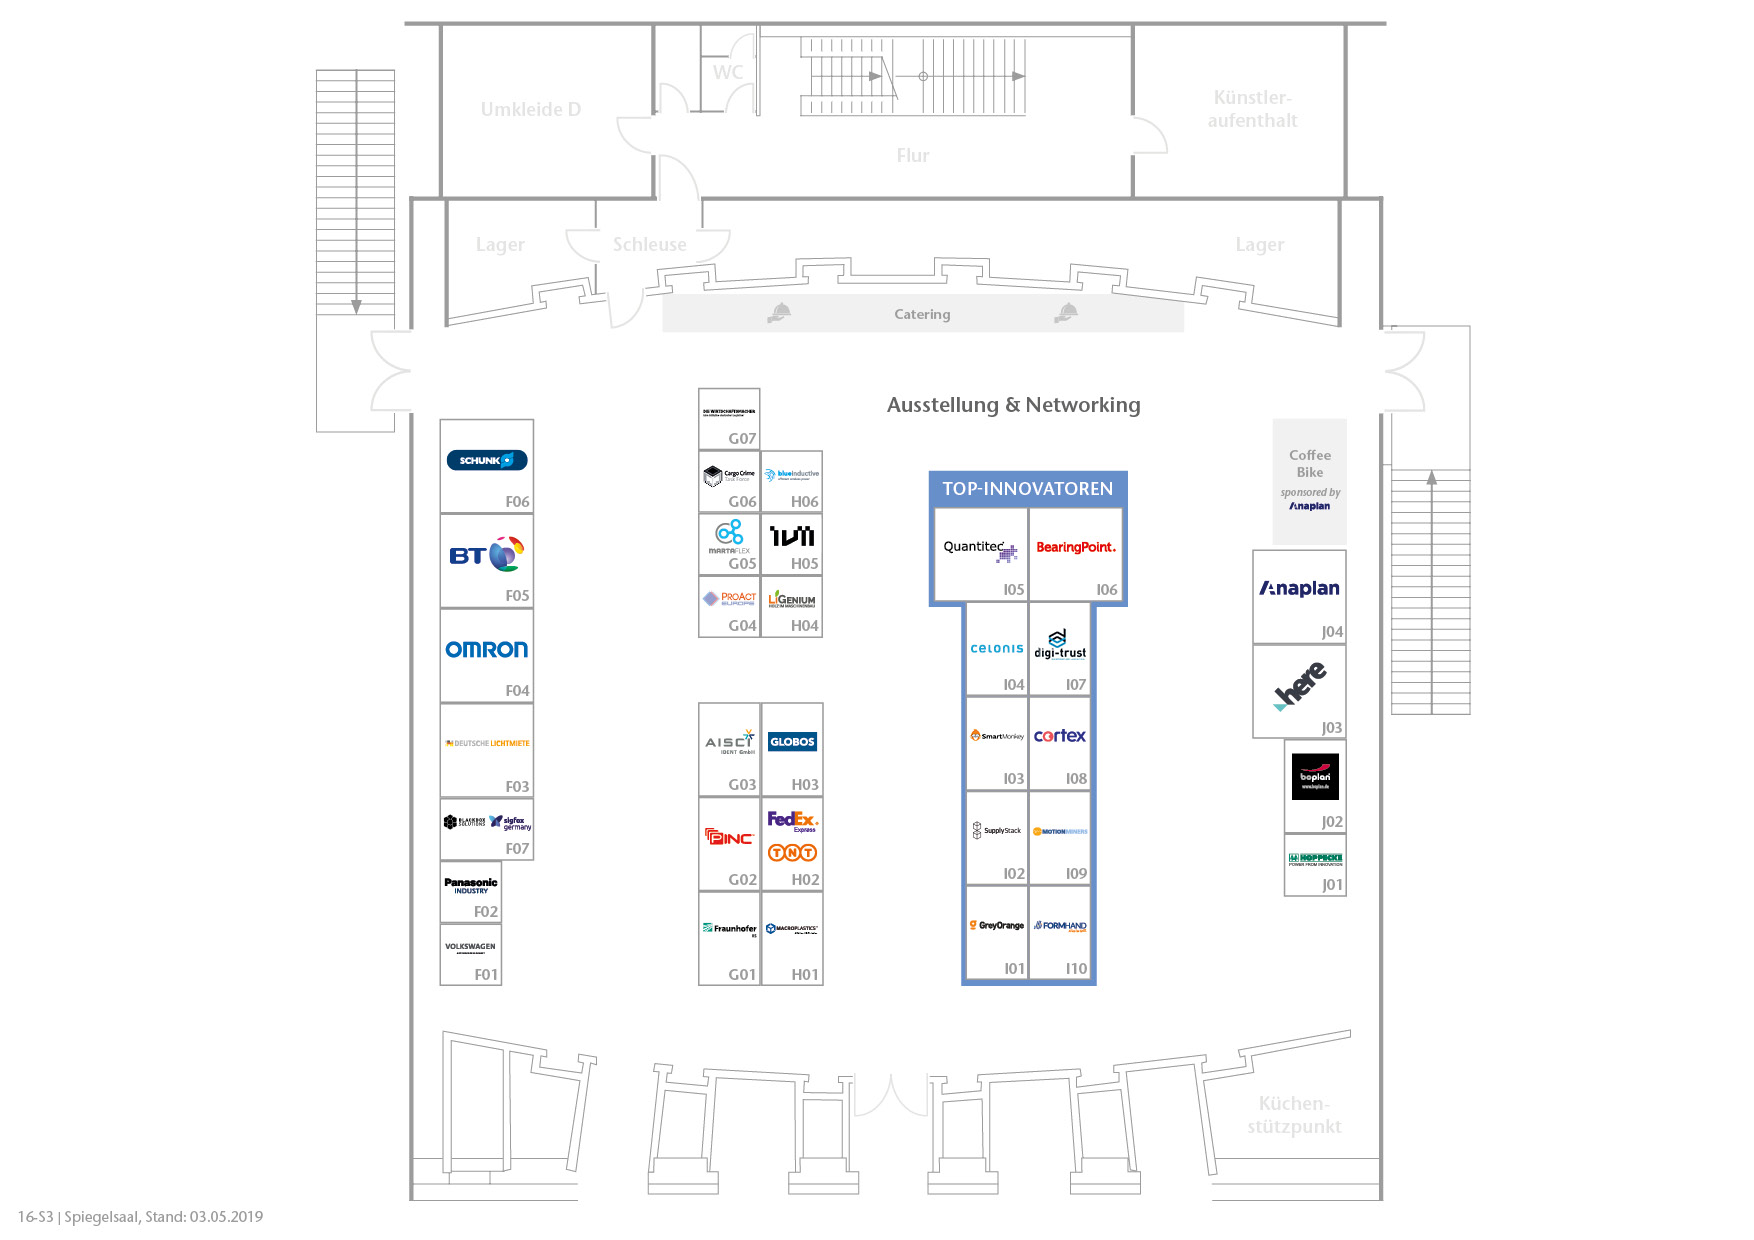 ILS19_Standplan_Spiegelsaal_16-S3_de_190503.jpg